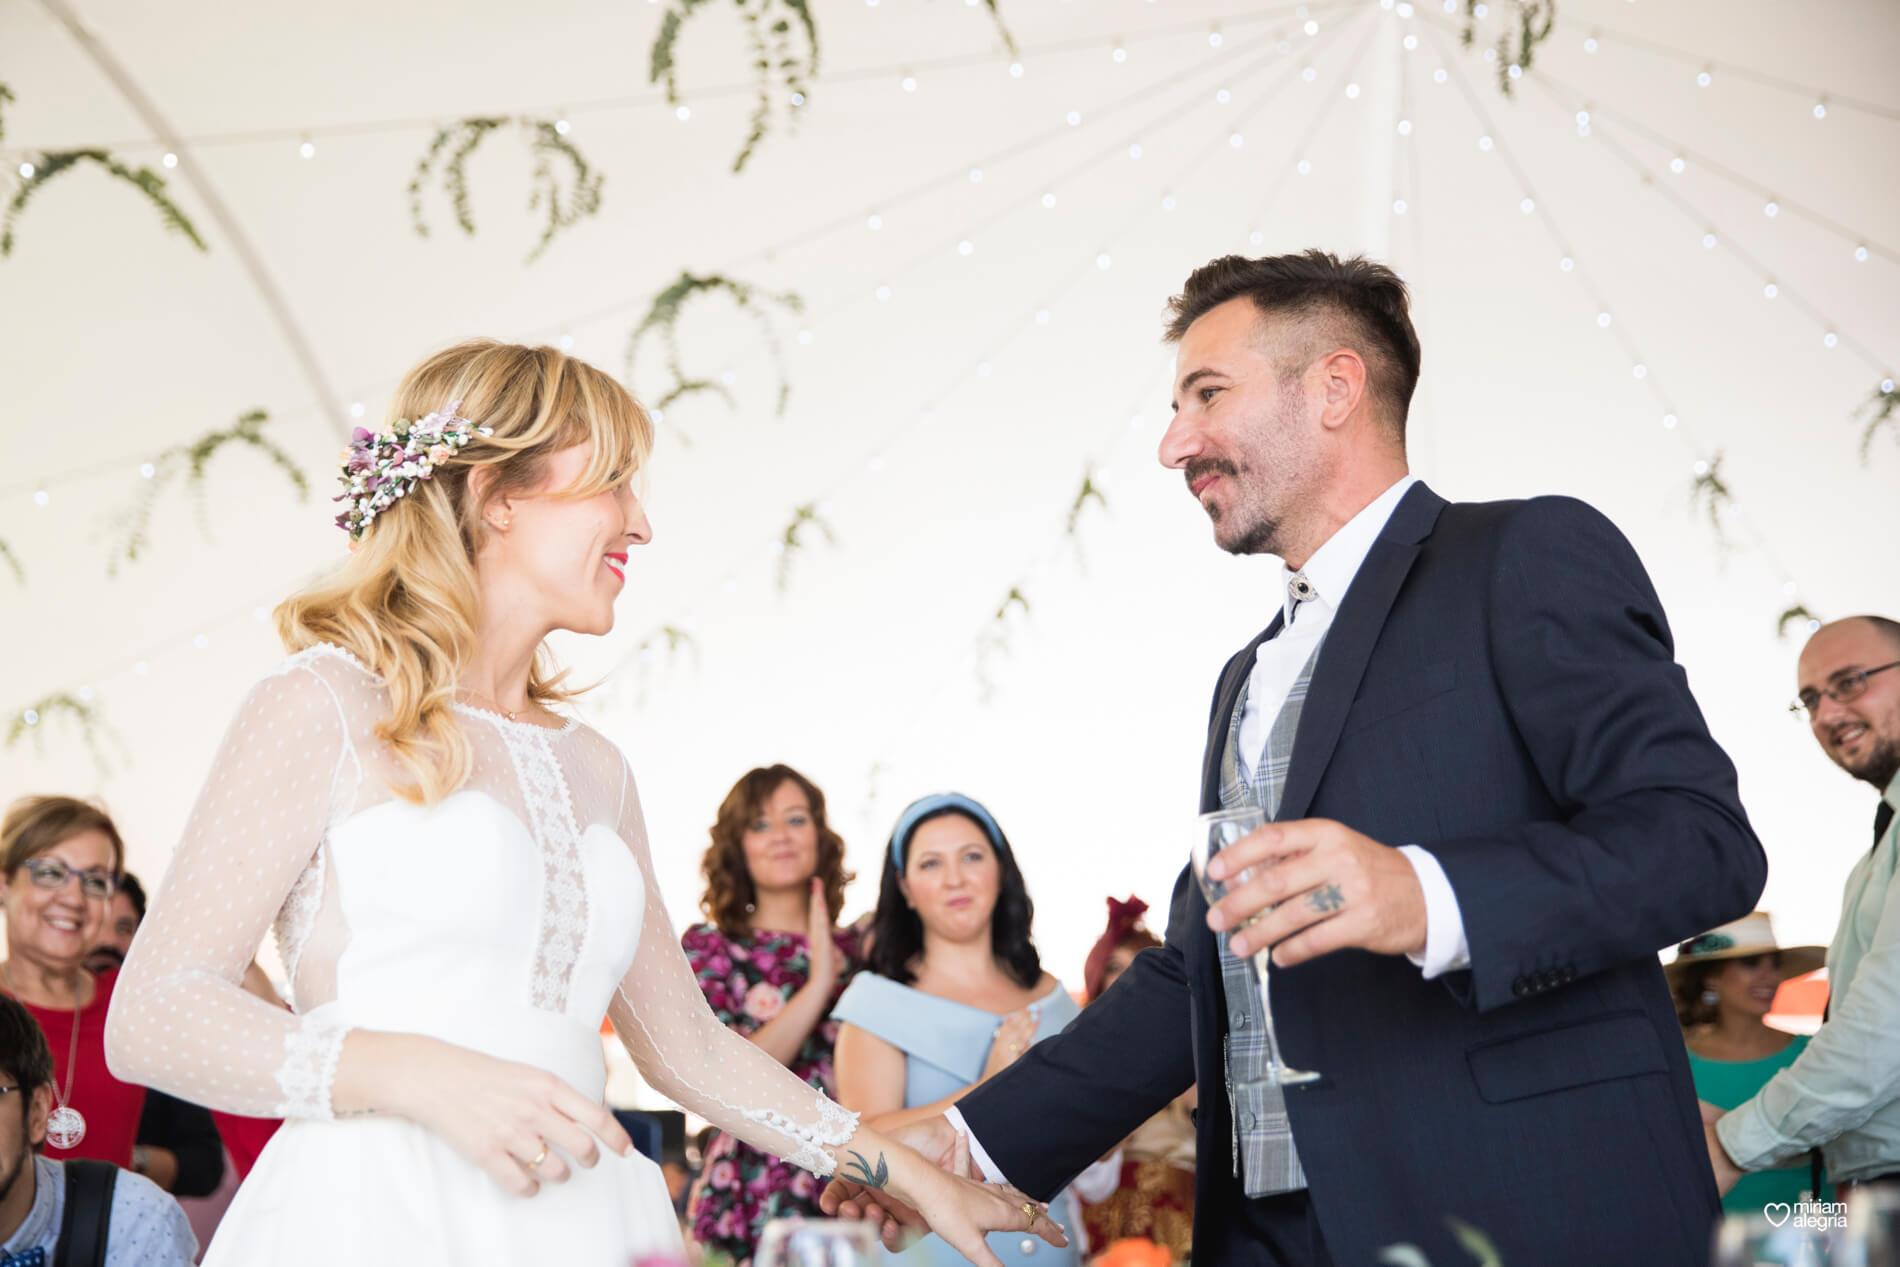 boda-en-finca-villa-vera-de-alemc7-miriam-alegria-fotografos-boda-murcia-149